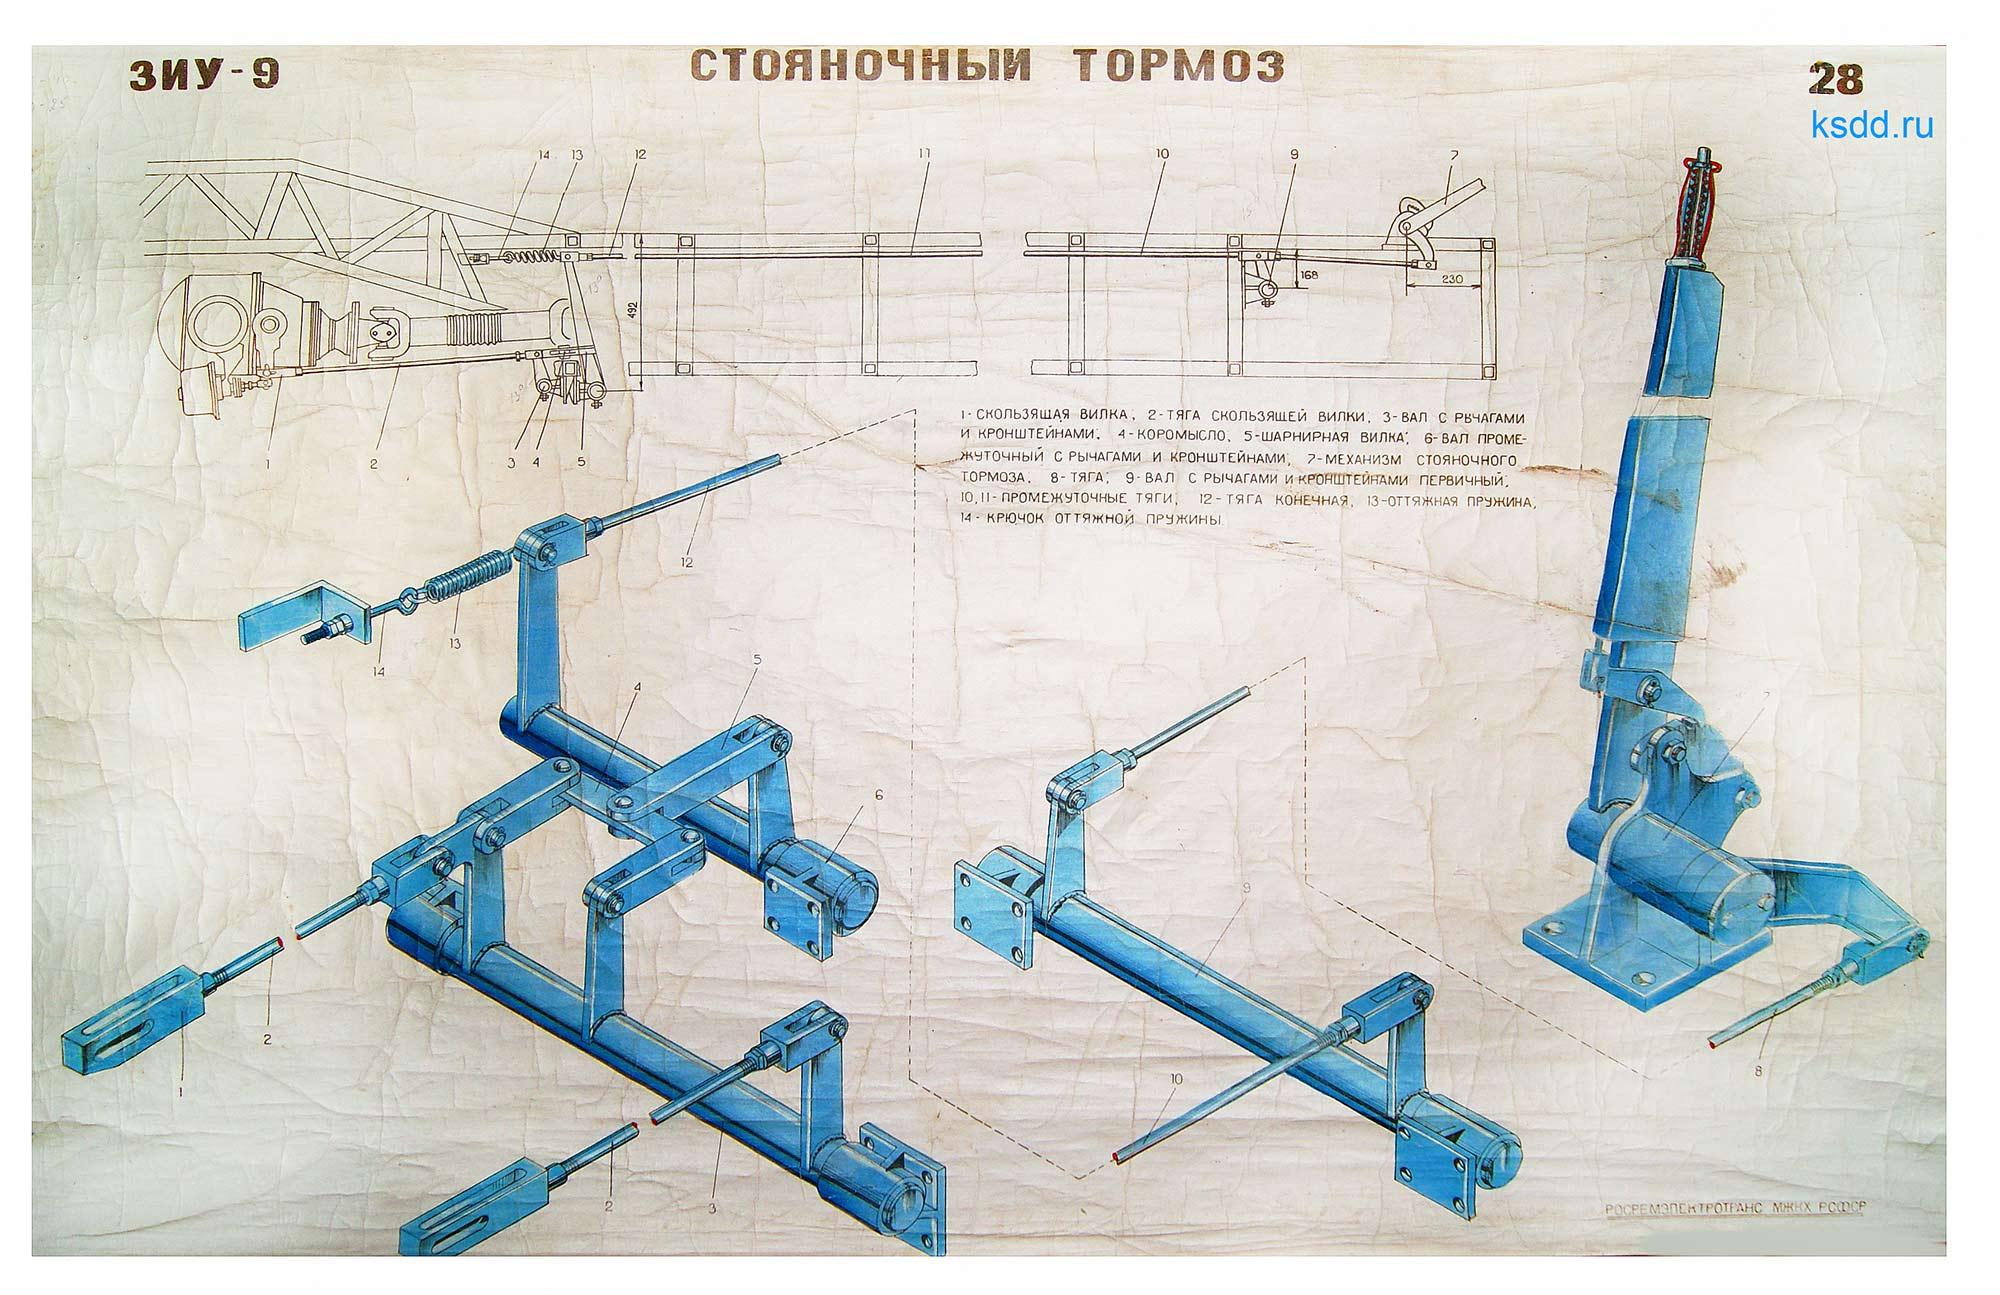 Схема троллейбуса зиу 9 фото 445